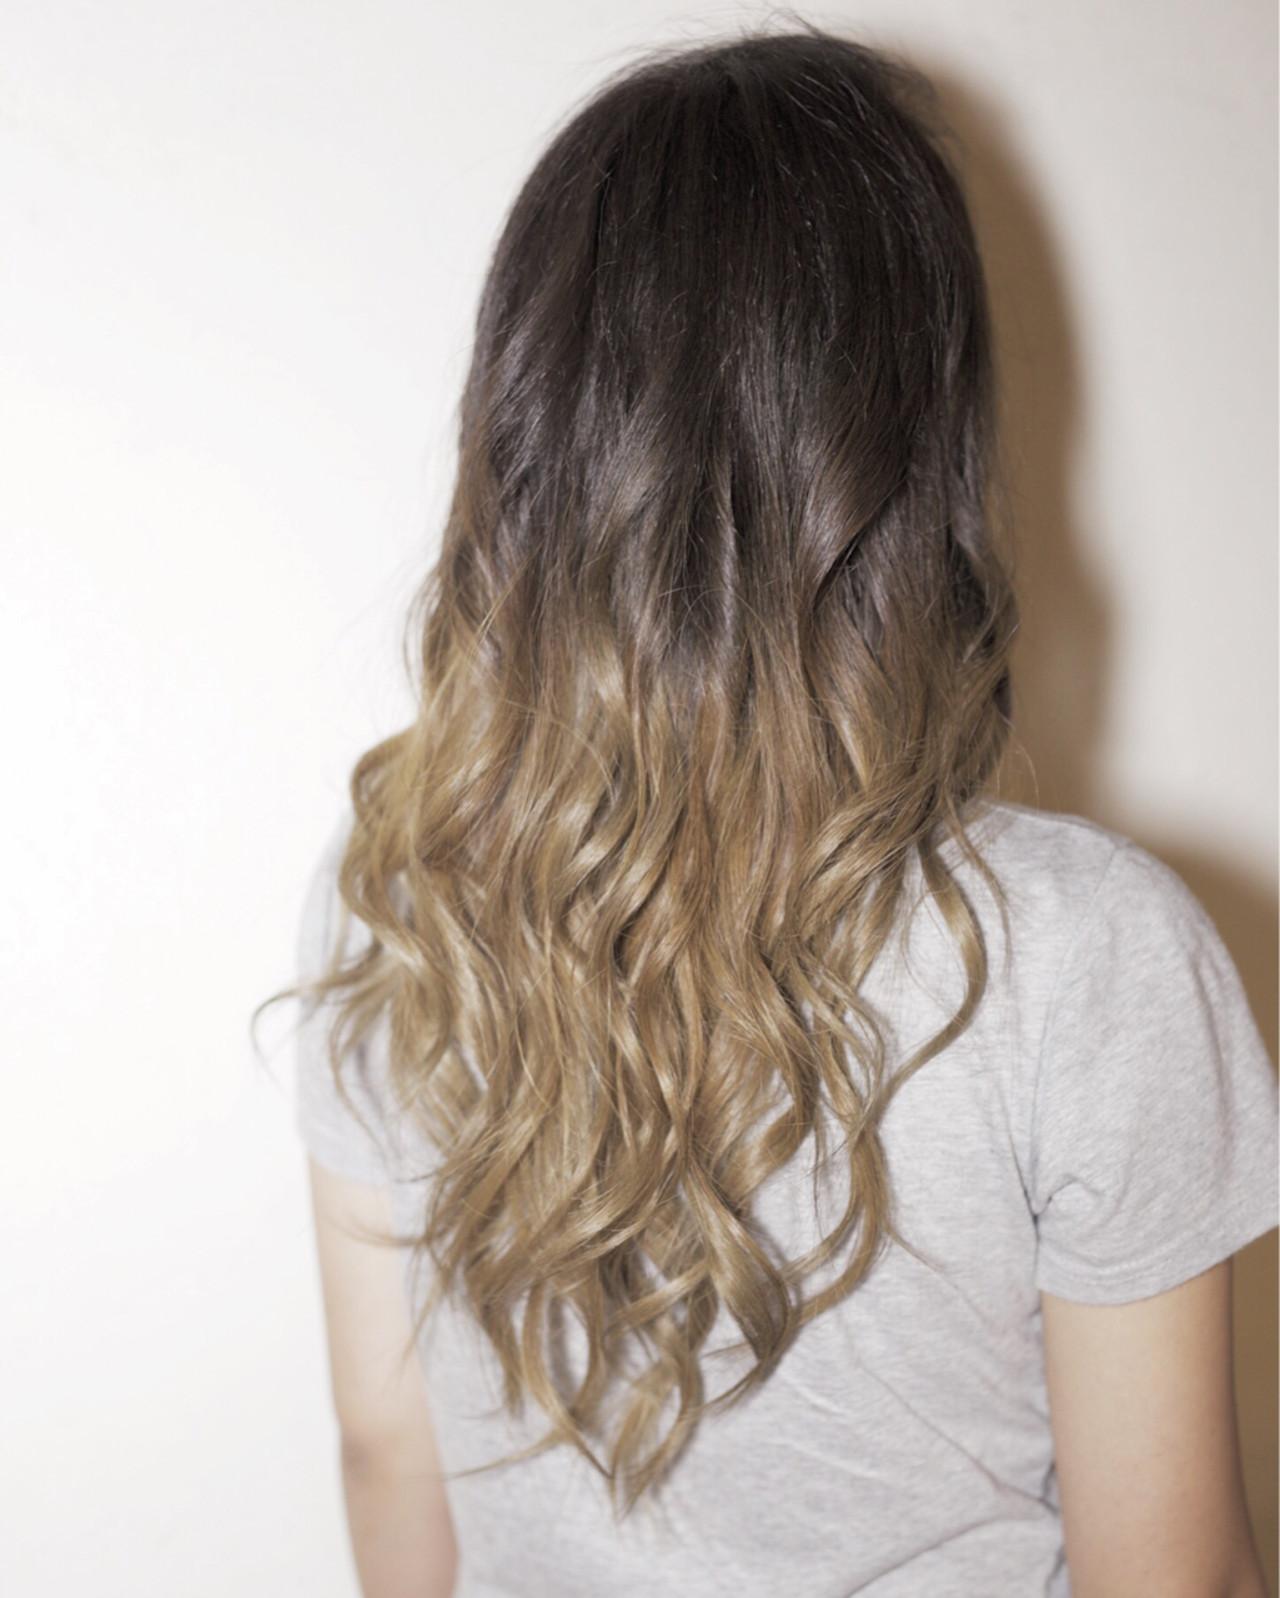 ストリート グラデーションカラー ハイライト アッシュ ヘアスタイルや髪型の写真・画像